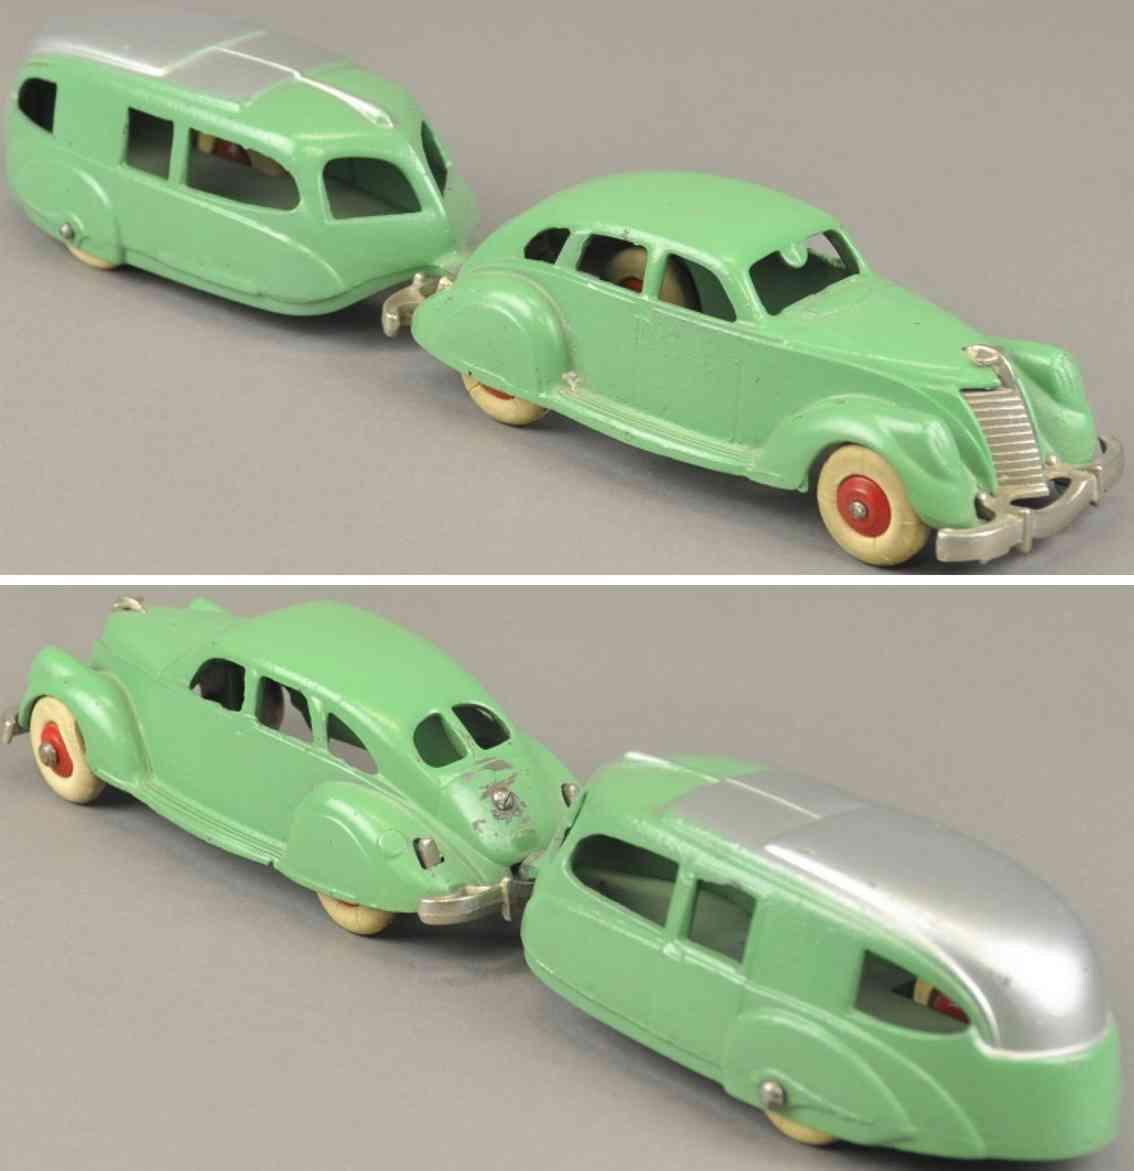 hubley spielzeug gusseisen lincoln zephyr auto mit wohnwagen gruen